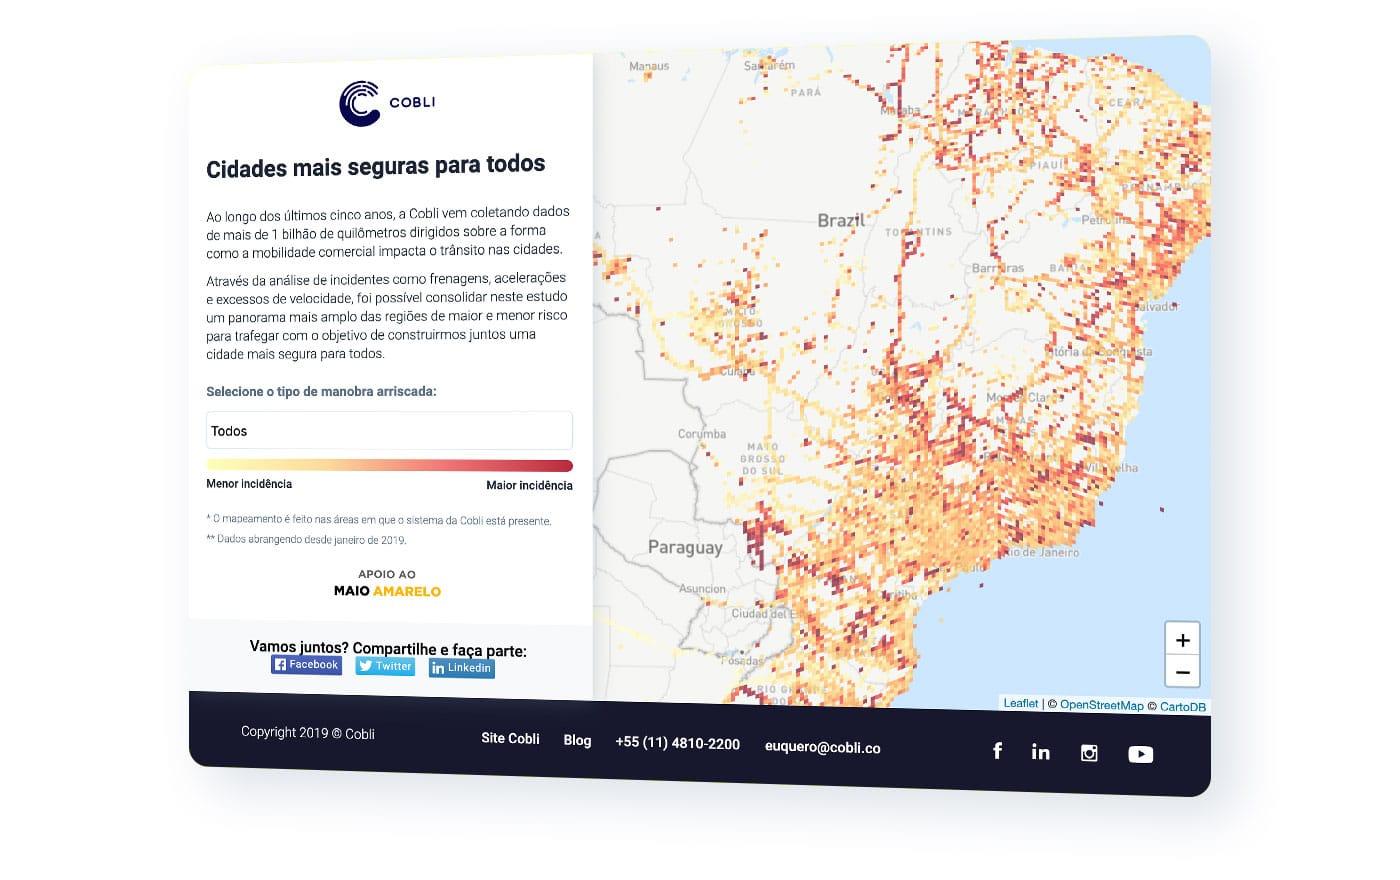 Heatmap da Cobli: Maio amarelo